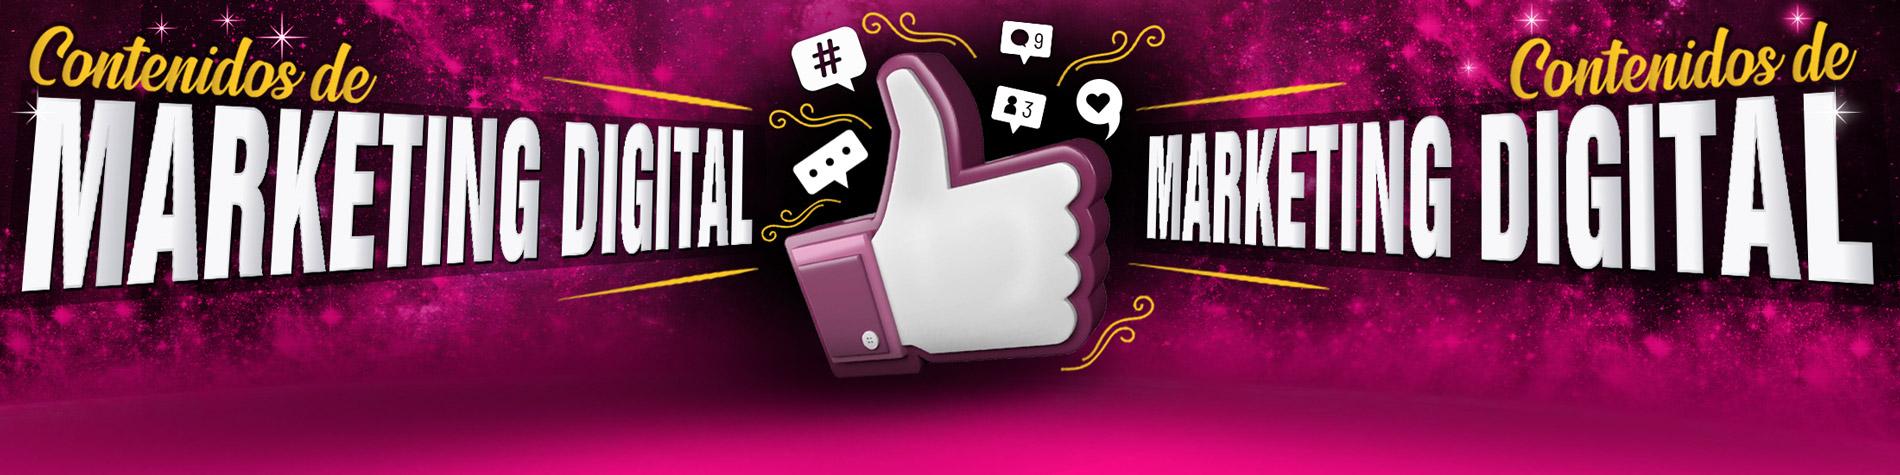 Tutoriales de Marketing Digital Carlos Cortés Agencia